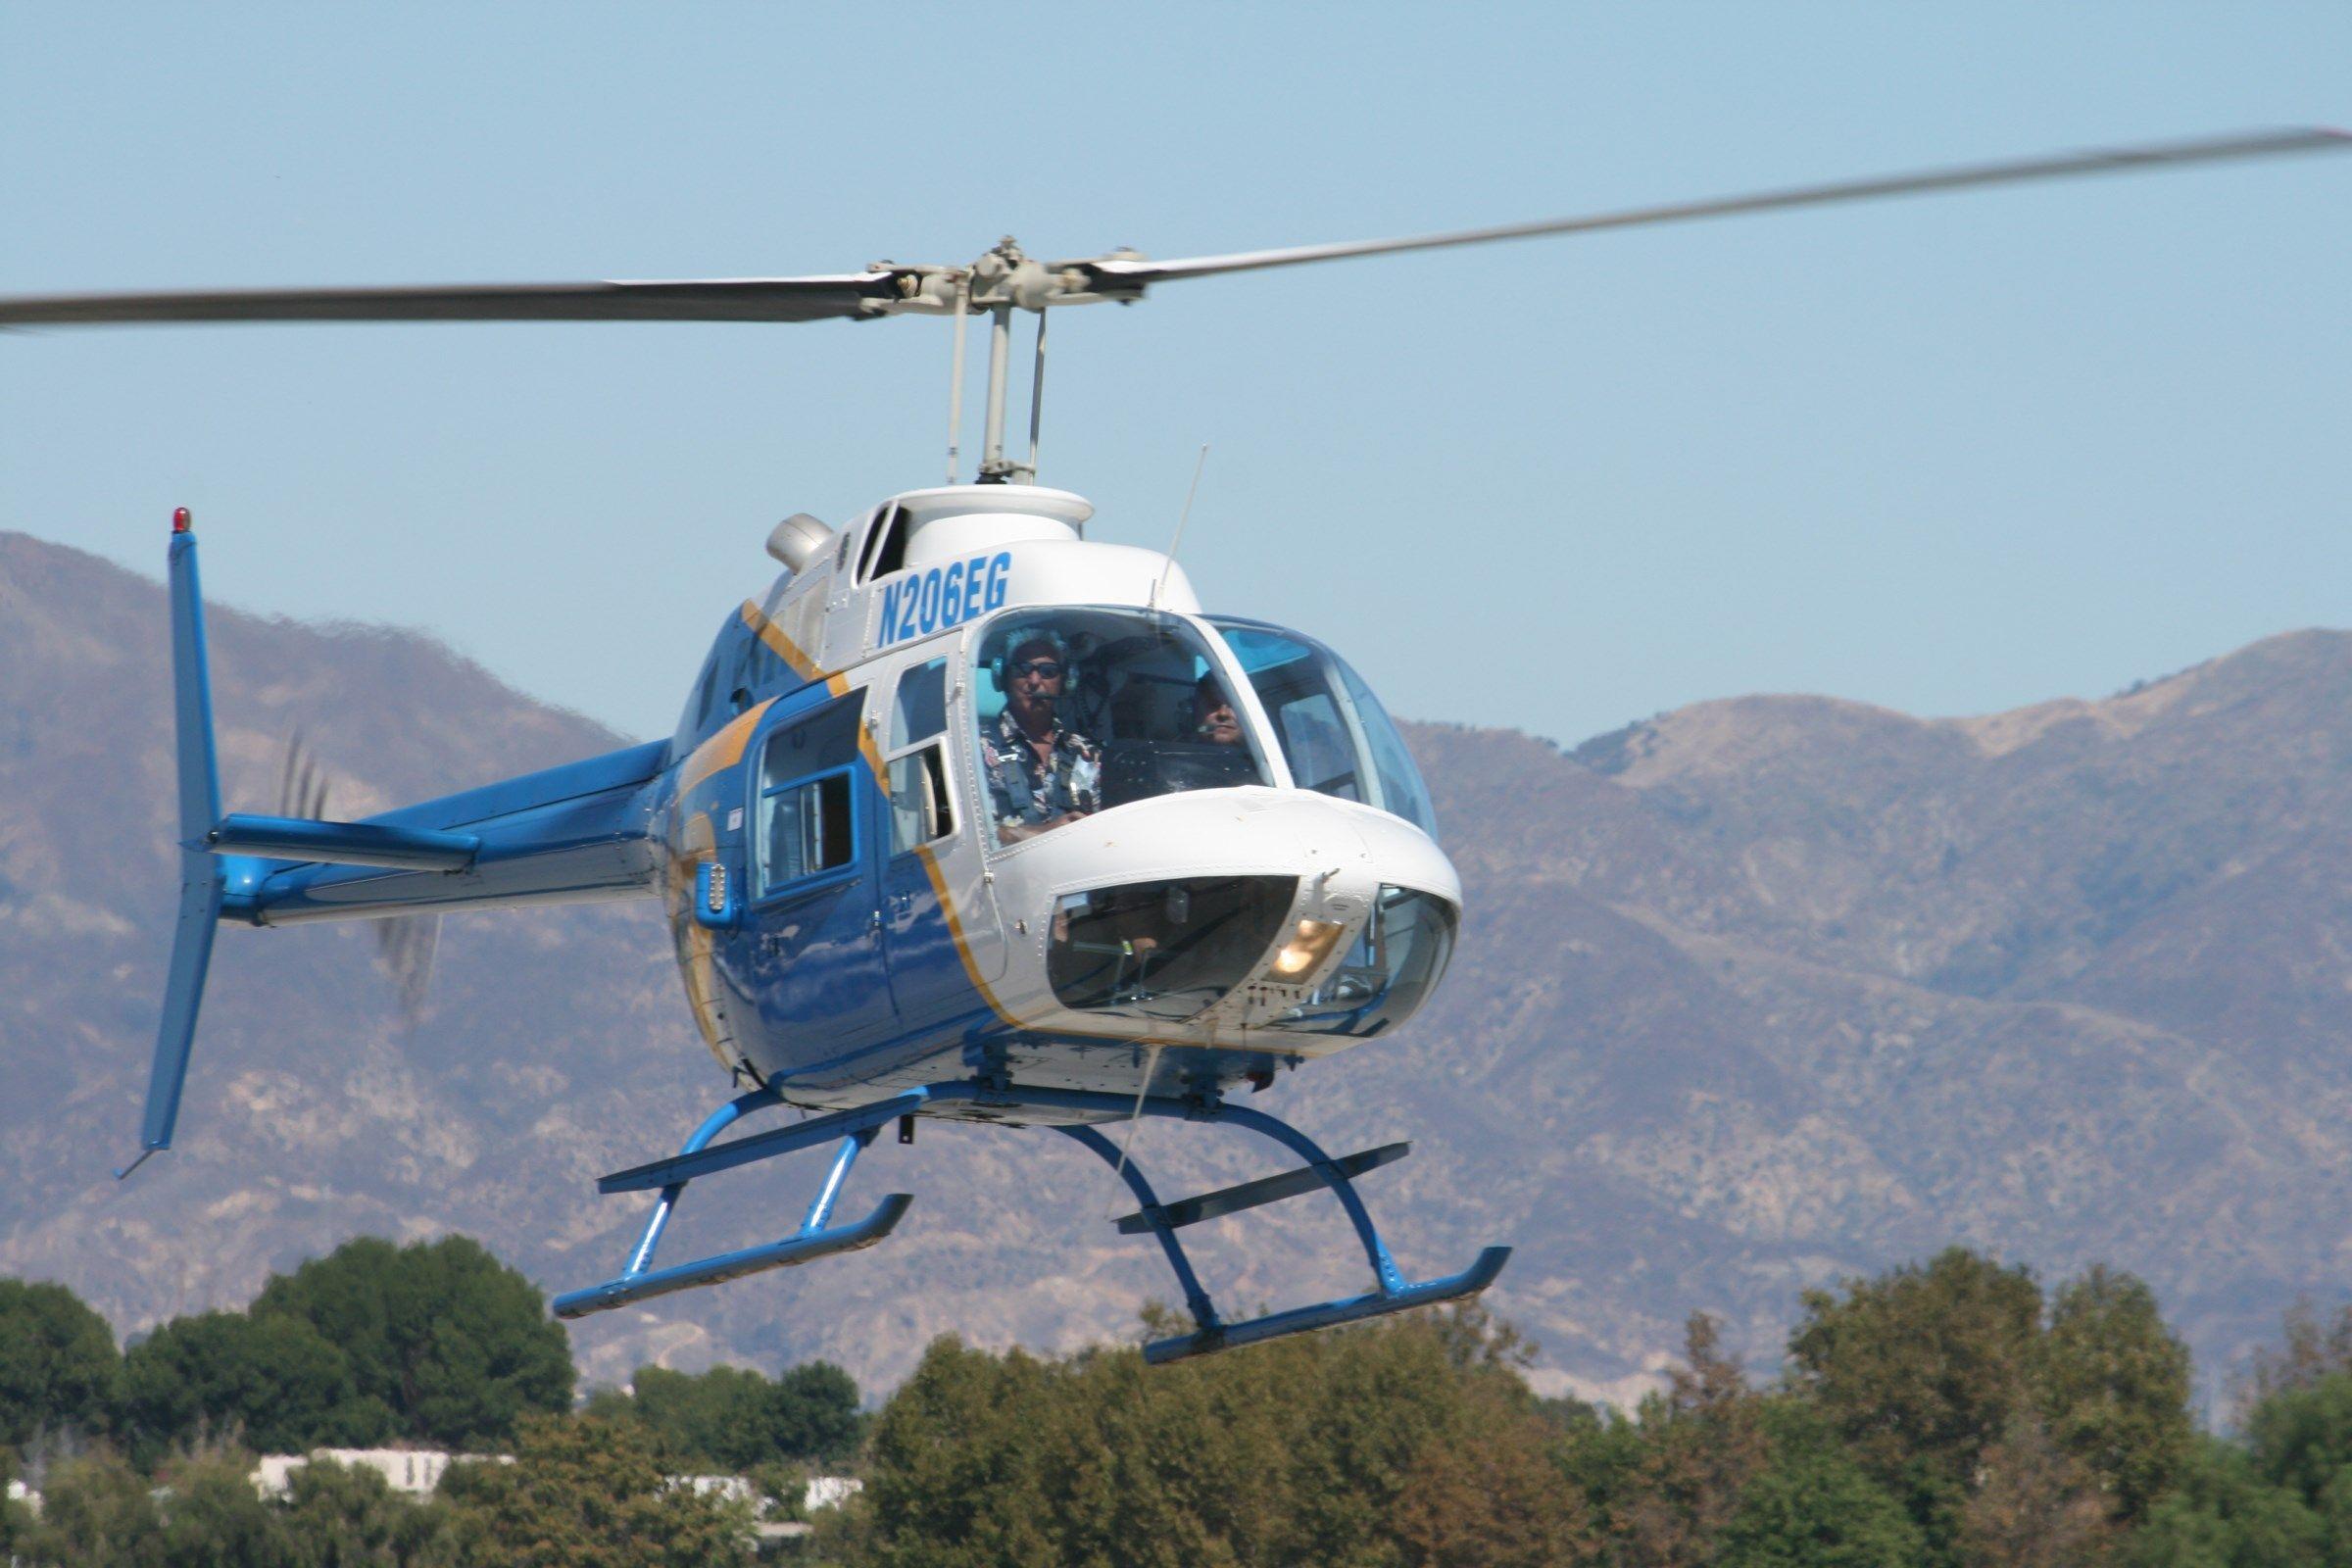 Helicoptero Hd Fondos De Escritorio: Helicopter Desktop HD Wallpapers